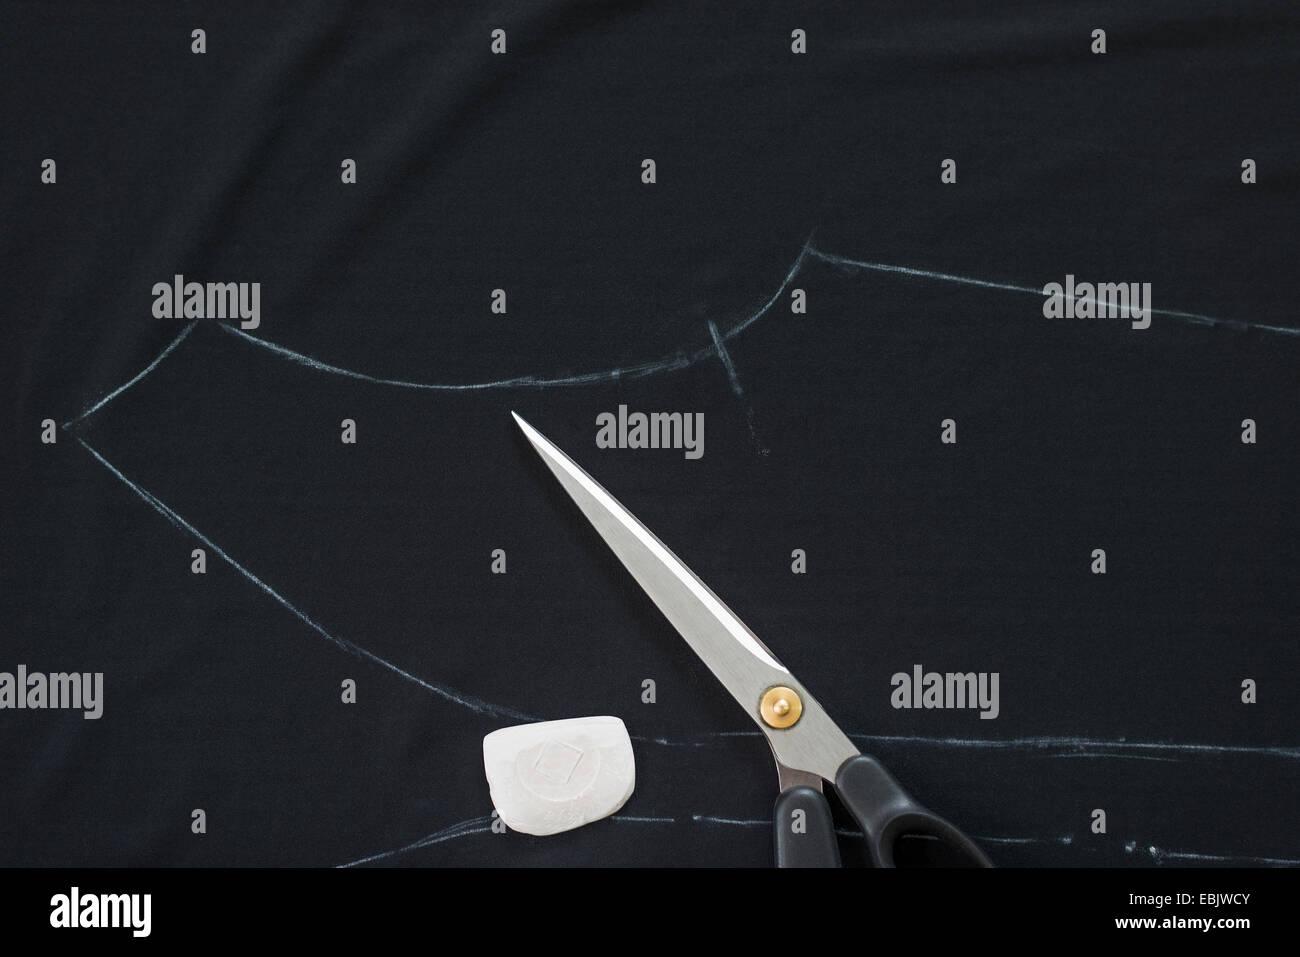 Costureras pautas esbozadas en tiza en negro en el taller textil Imagen De Stock